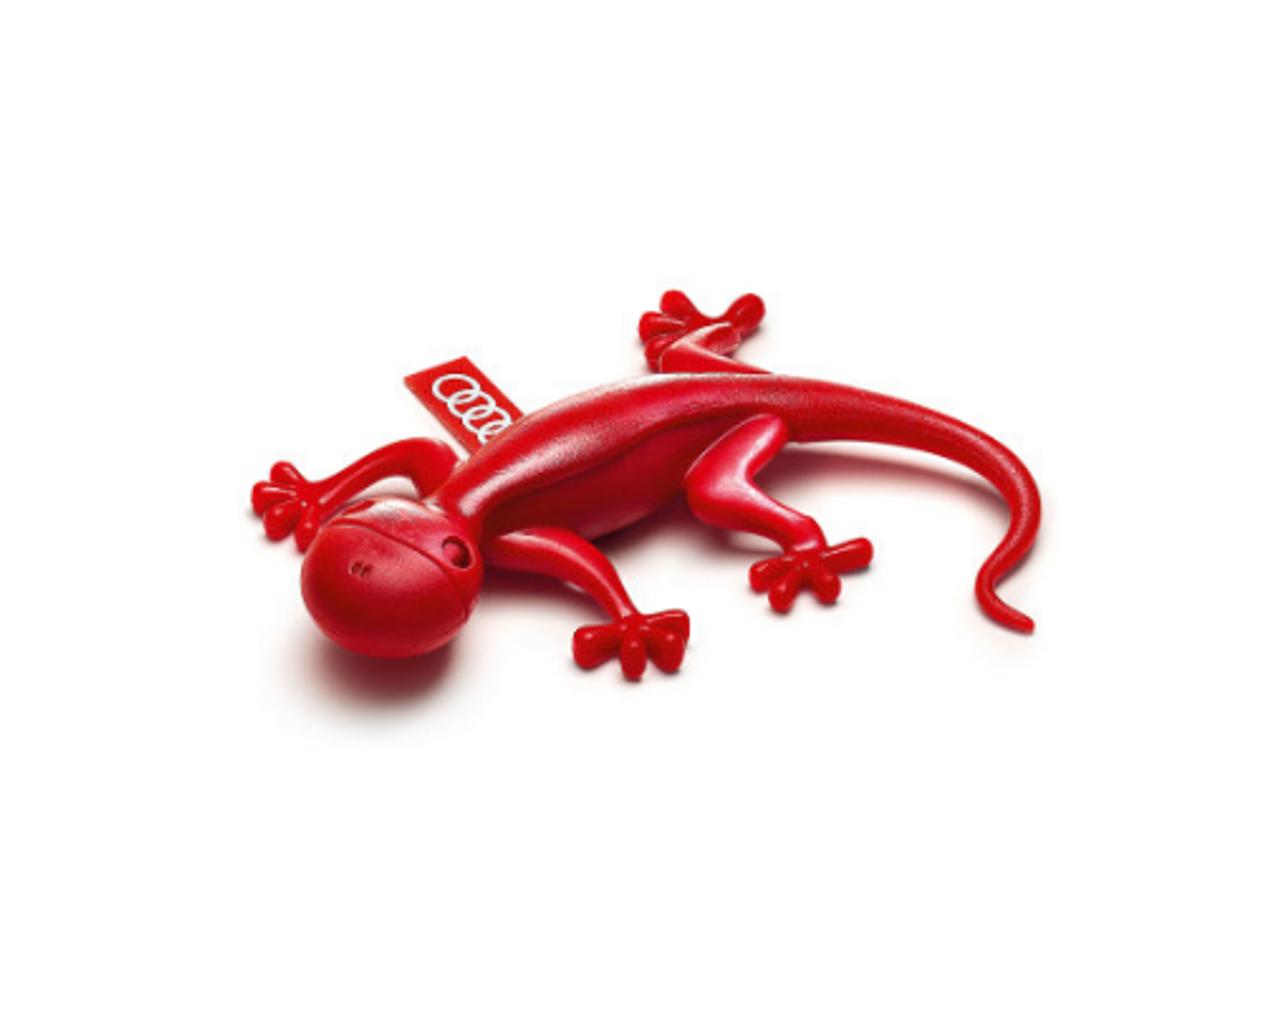 AUDI Gecko Air Freshener - Red